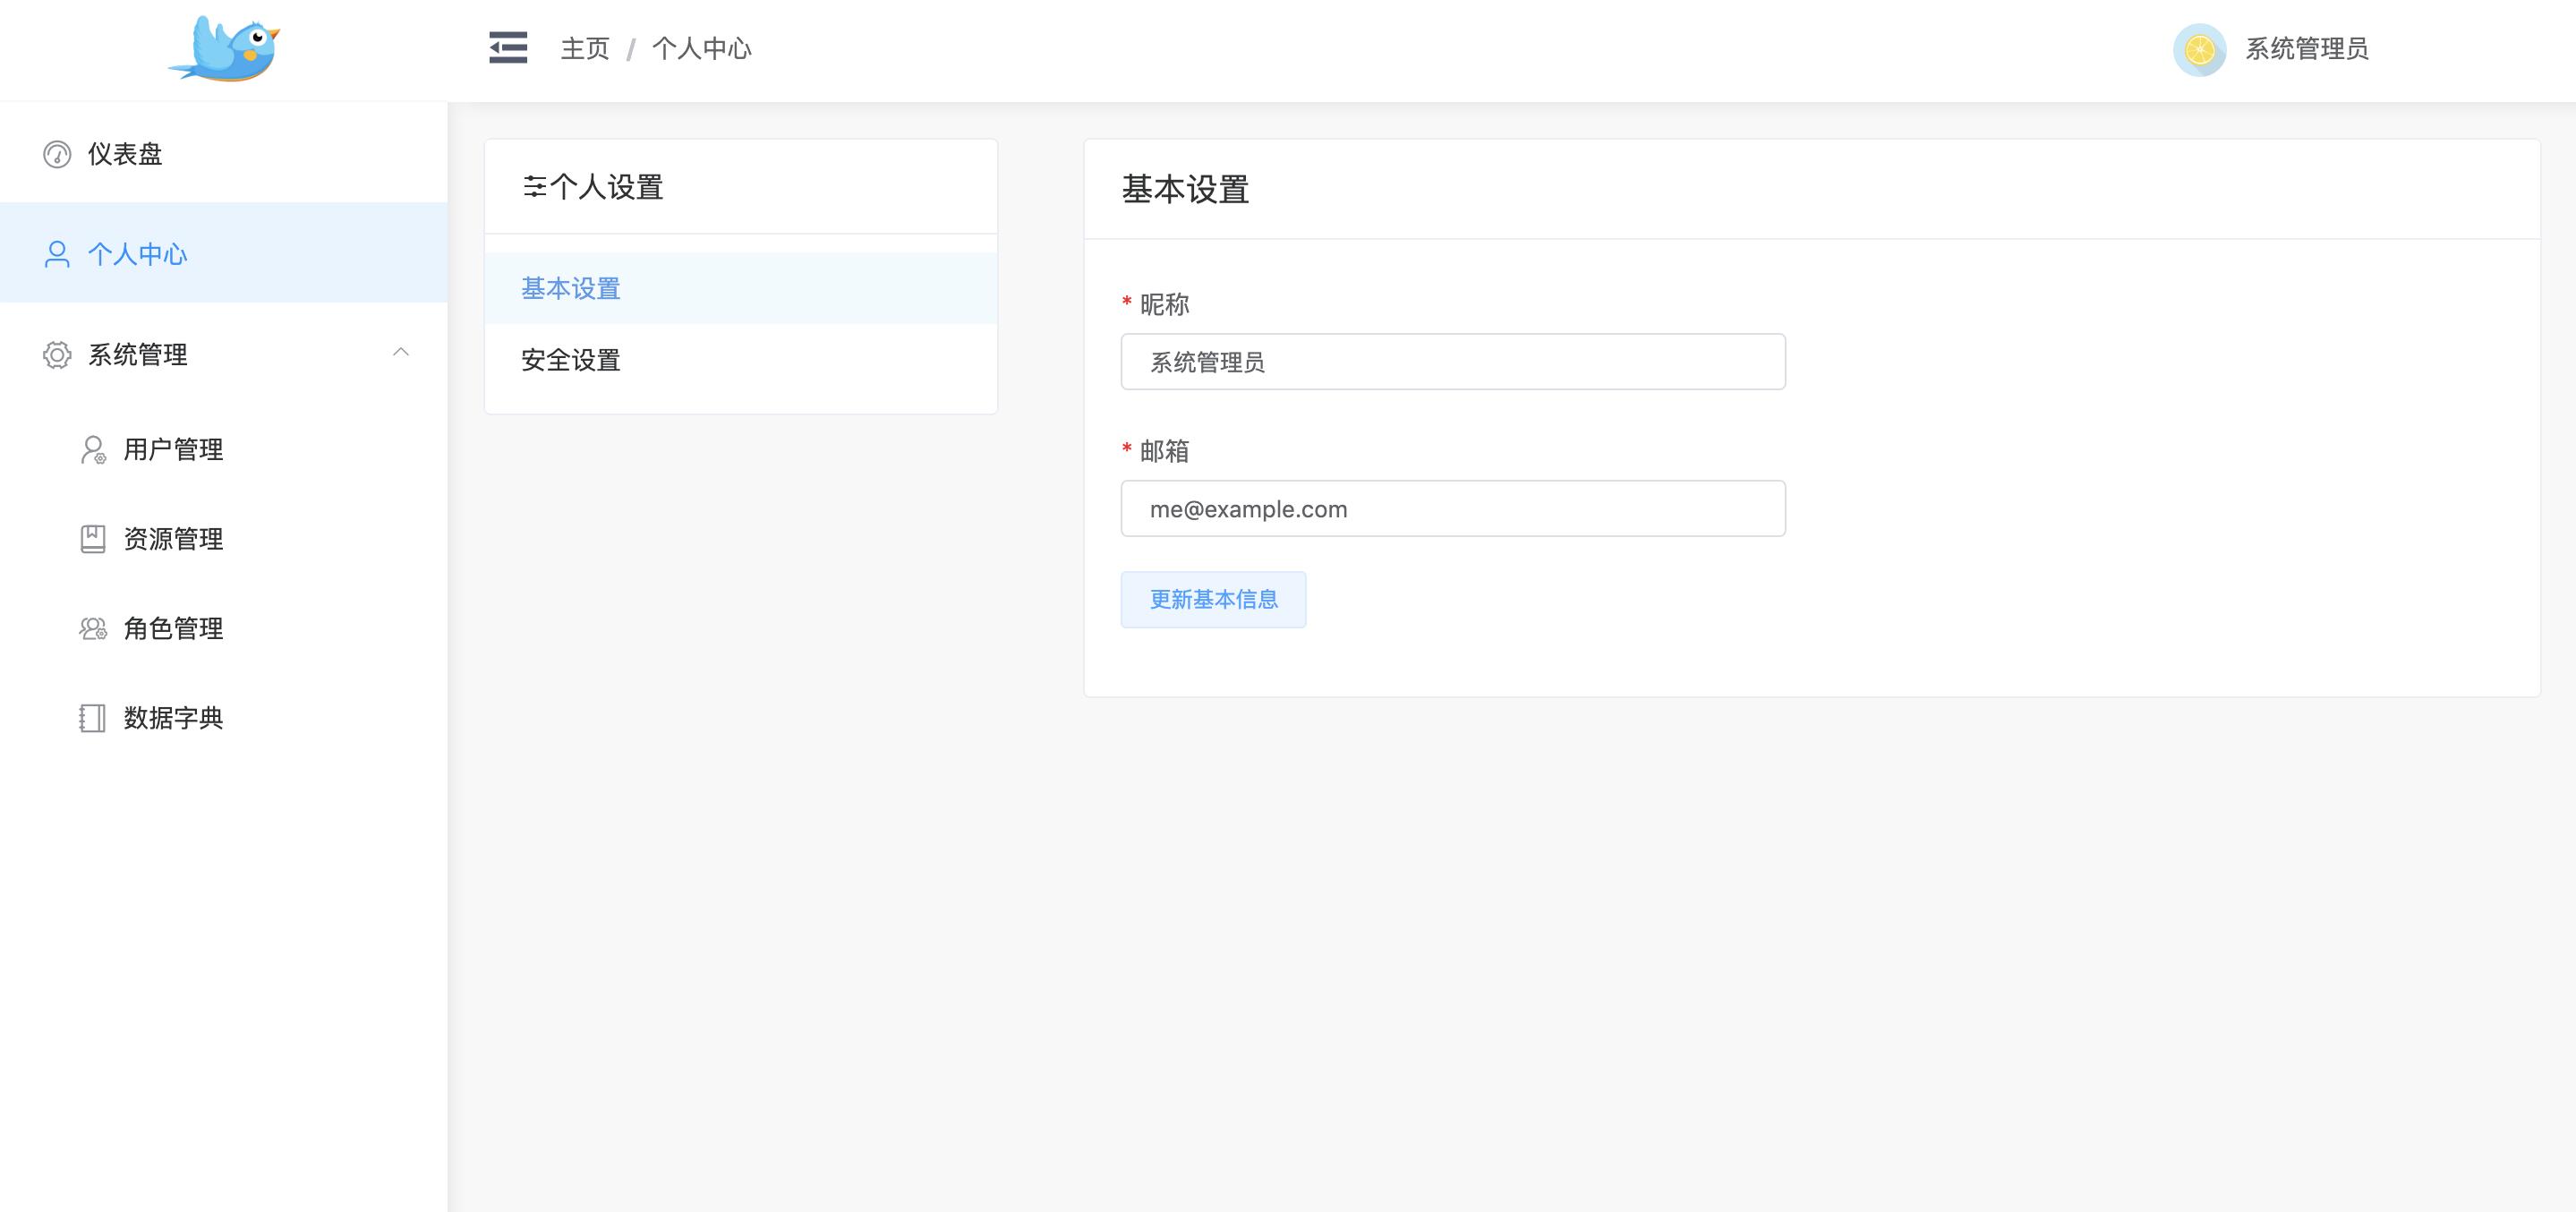 用户信息更新